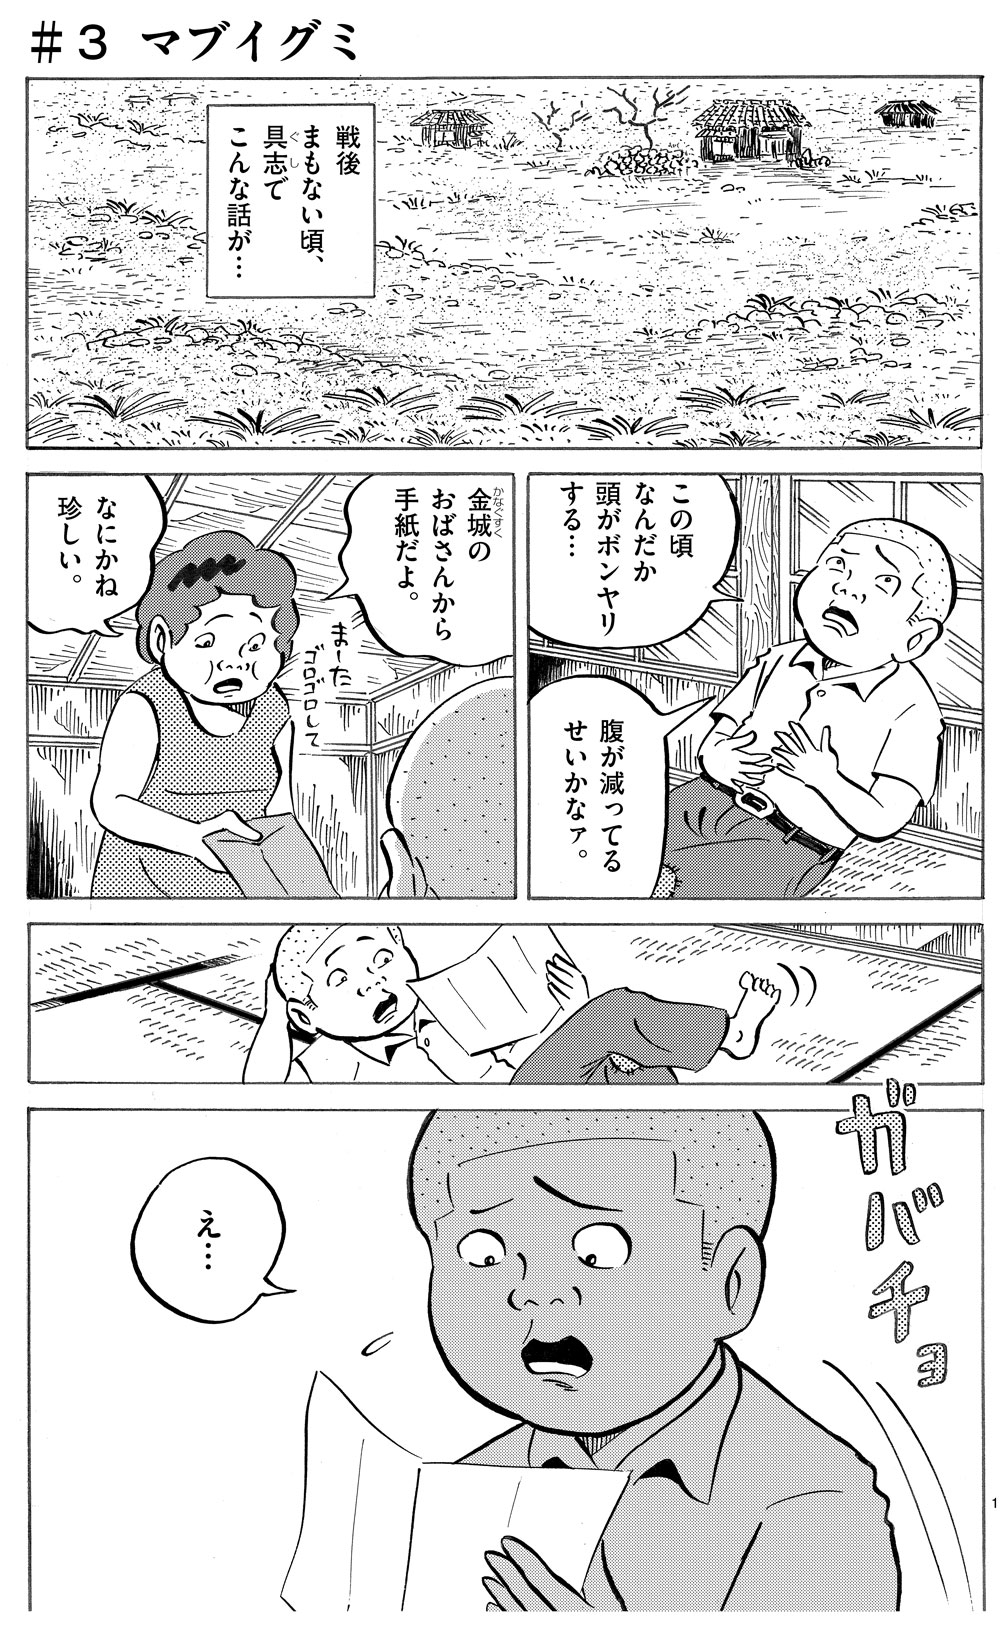 琉球怪談 【第3話】WEB掲載1ページ目画像